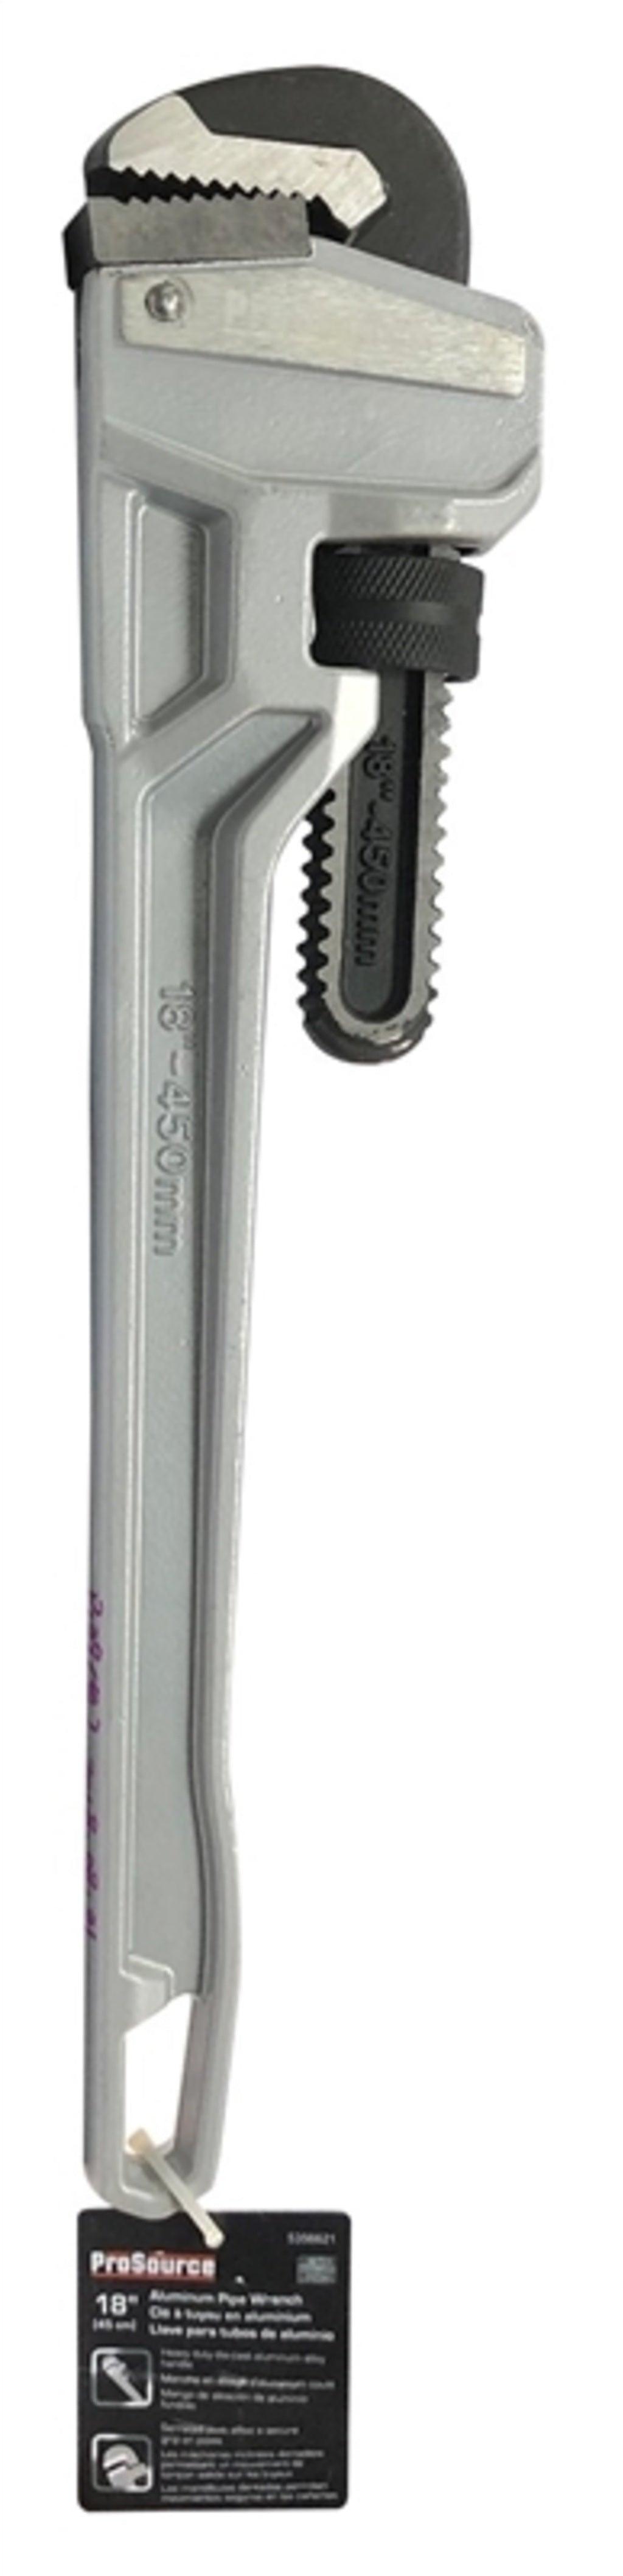 """Vulcan Jl40141 Aluminum Pipe Wrench, 18"""""""